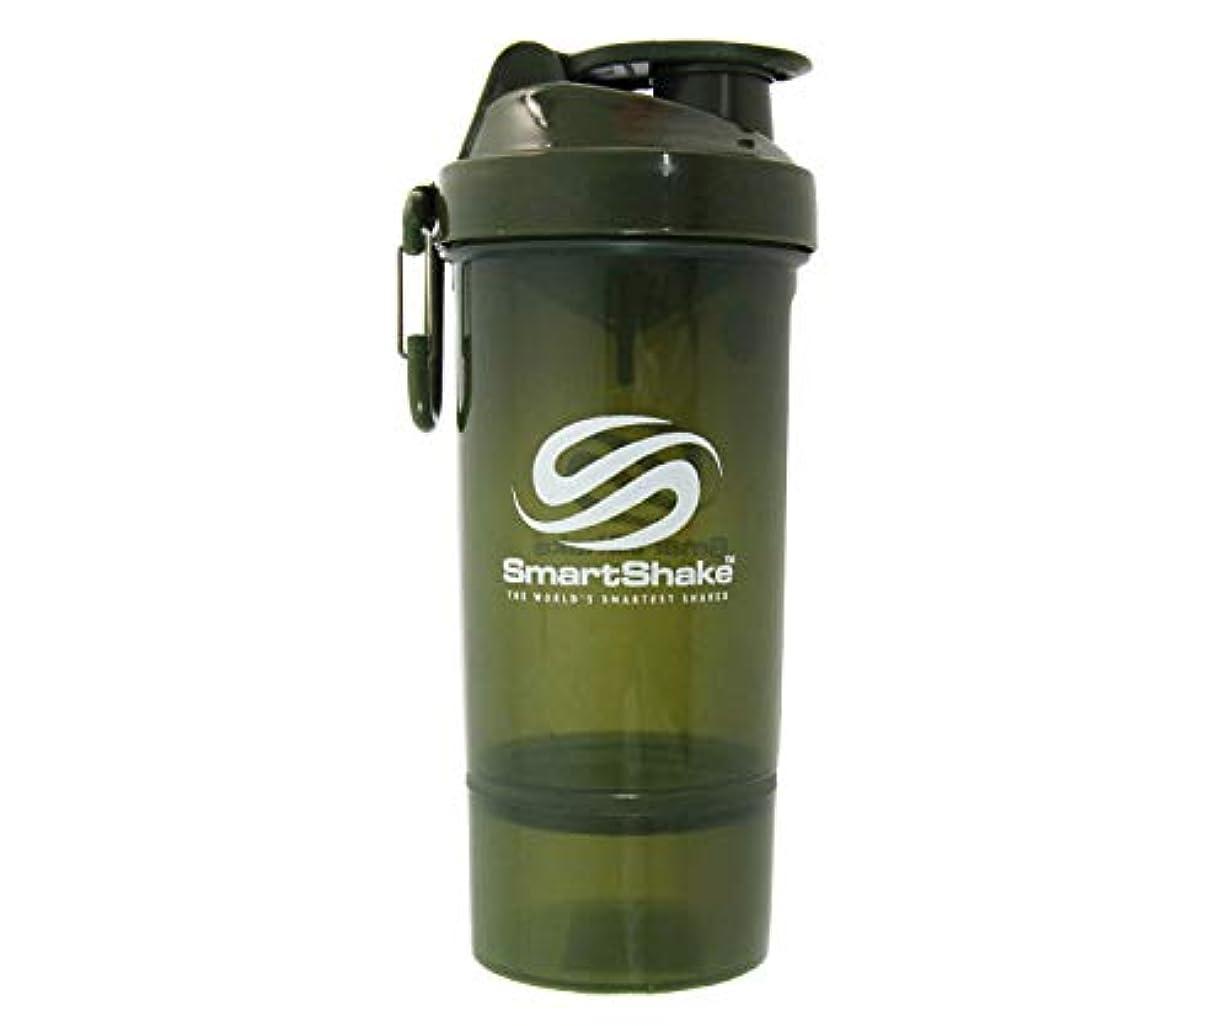 業界ハムする必要があるSmartShake(スマートシェイク) SmartShake ORIGINAL2GO ONE 800ml Army Green 多機能プロテインシェイカー アーミーグリーン 800ml大容量 コンテナ1段タイプ